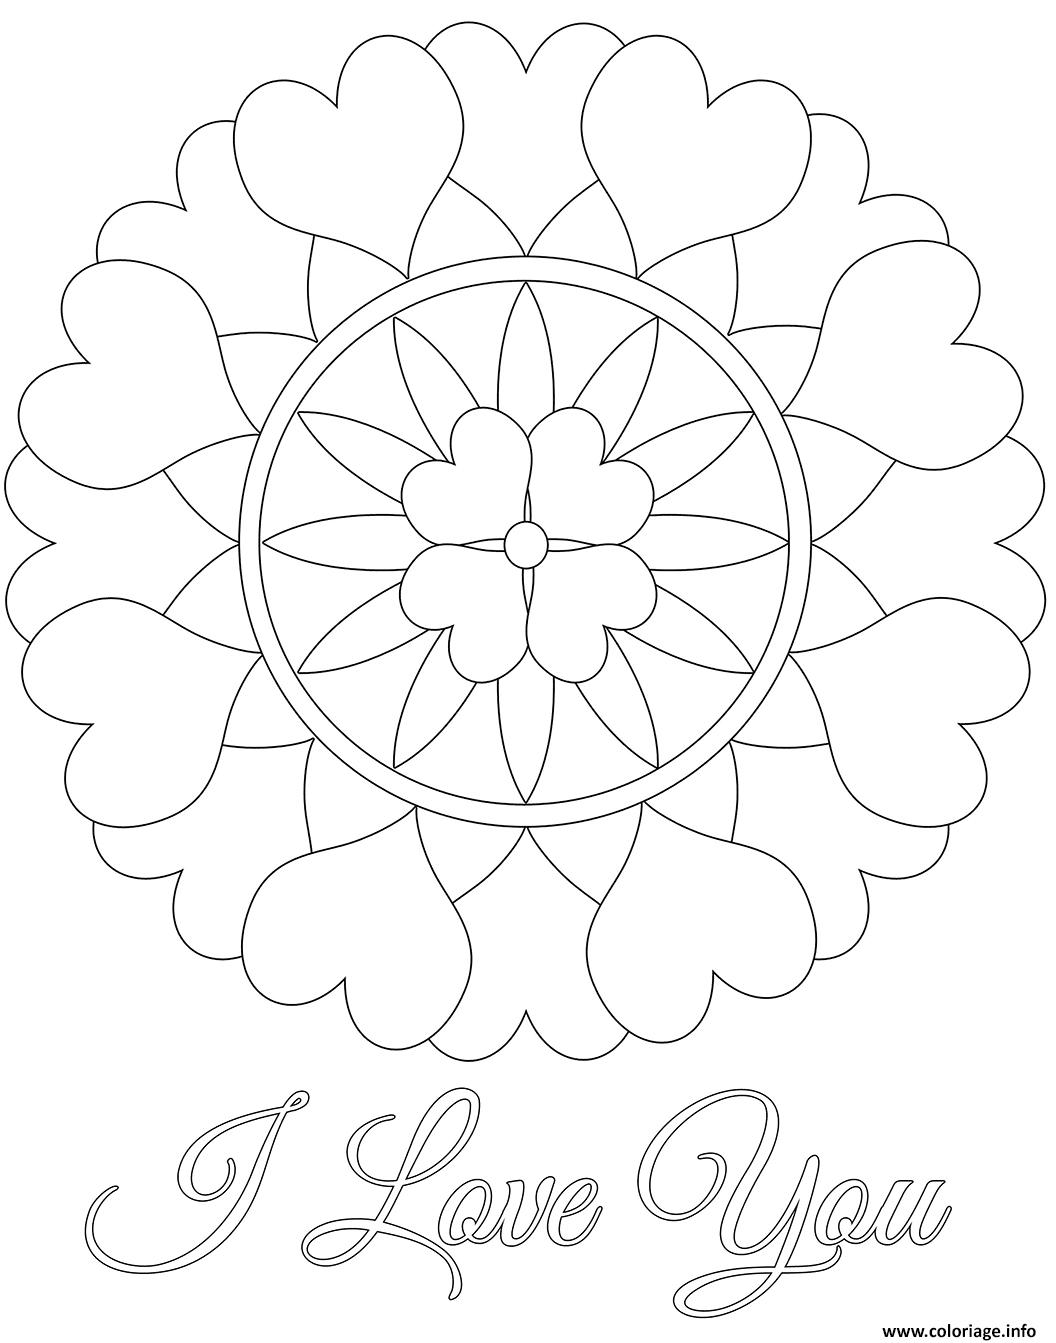 Coloriage I Love You Mandala Saint Valentin Dessin